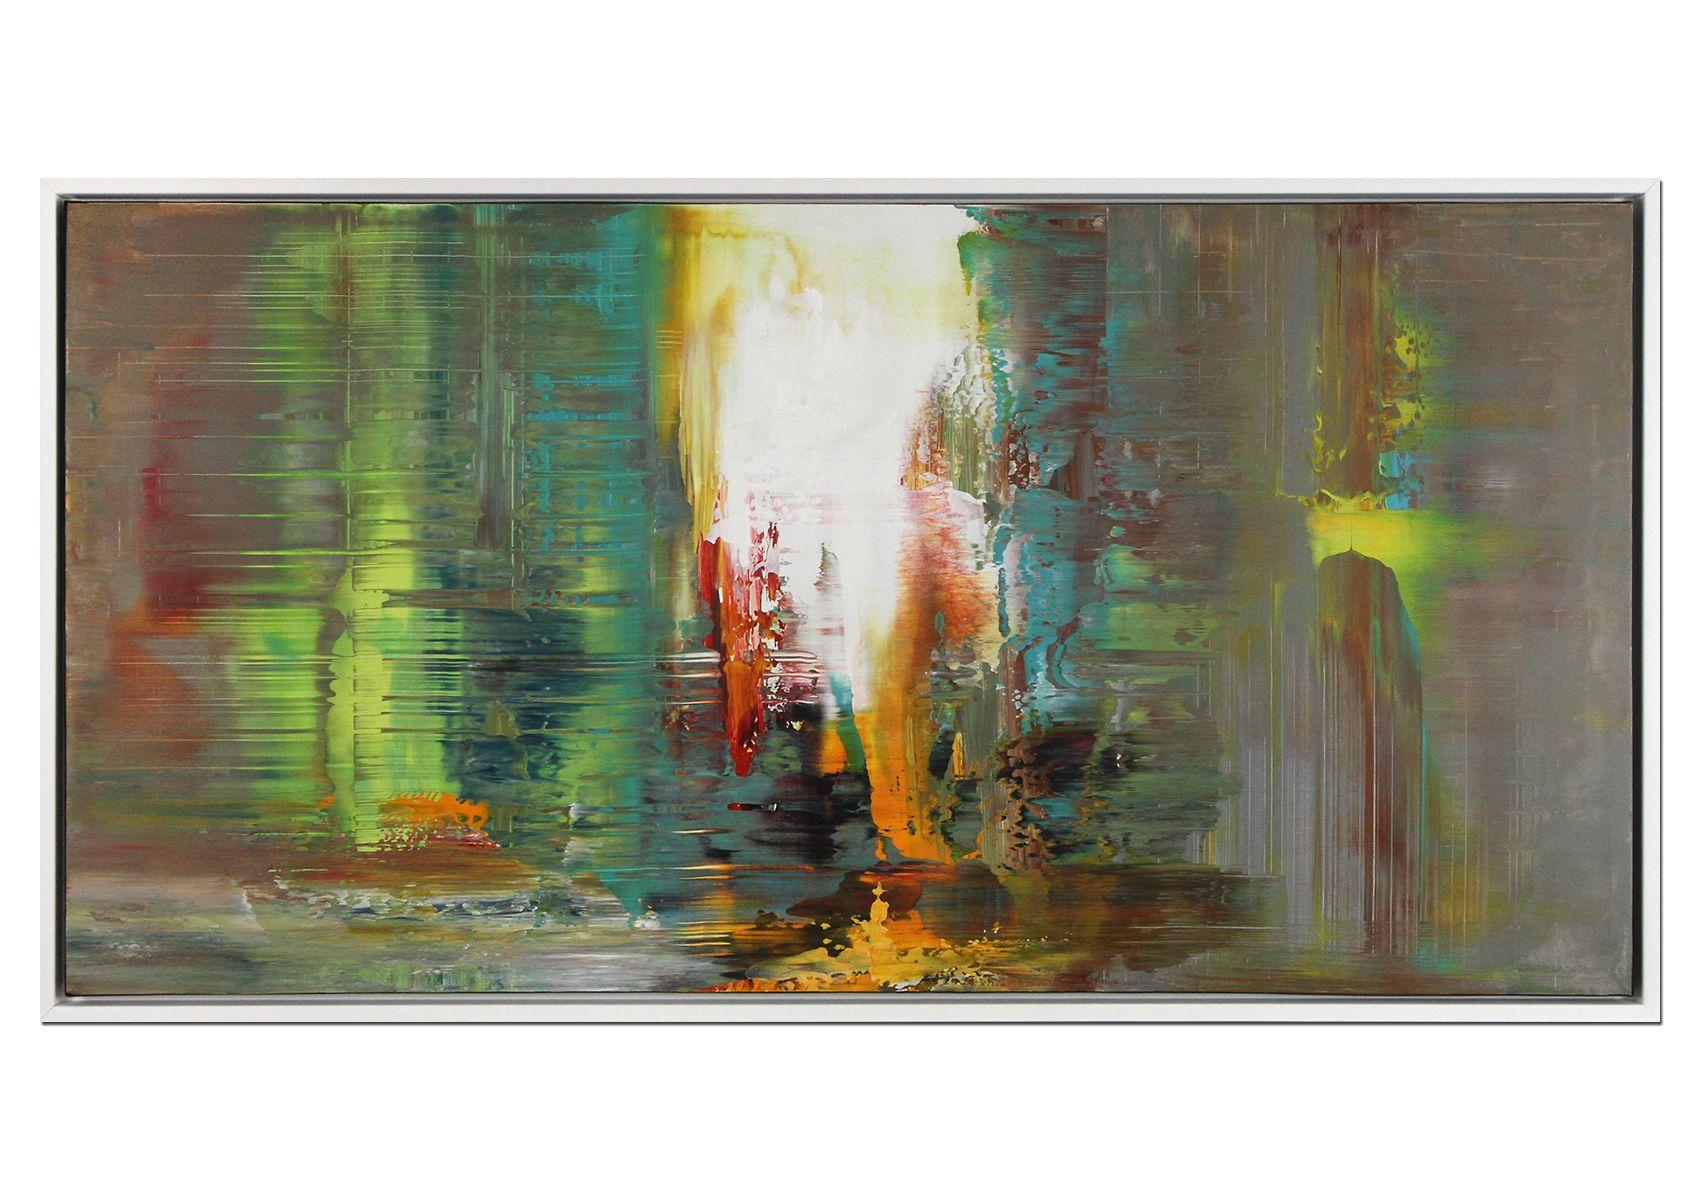 Shine On Zeitgenossisches Acrylgemalde Mit Rahmen Kunstproduktion Acrylgemalde Abstraktes Gemalde